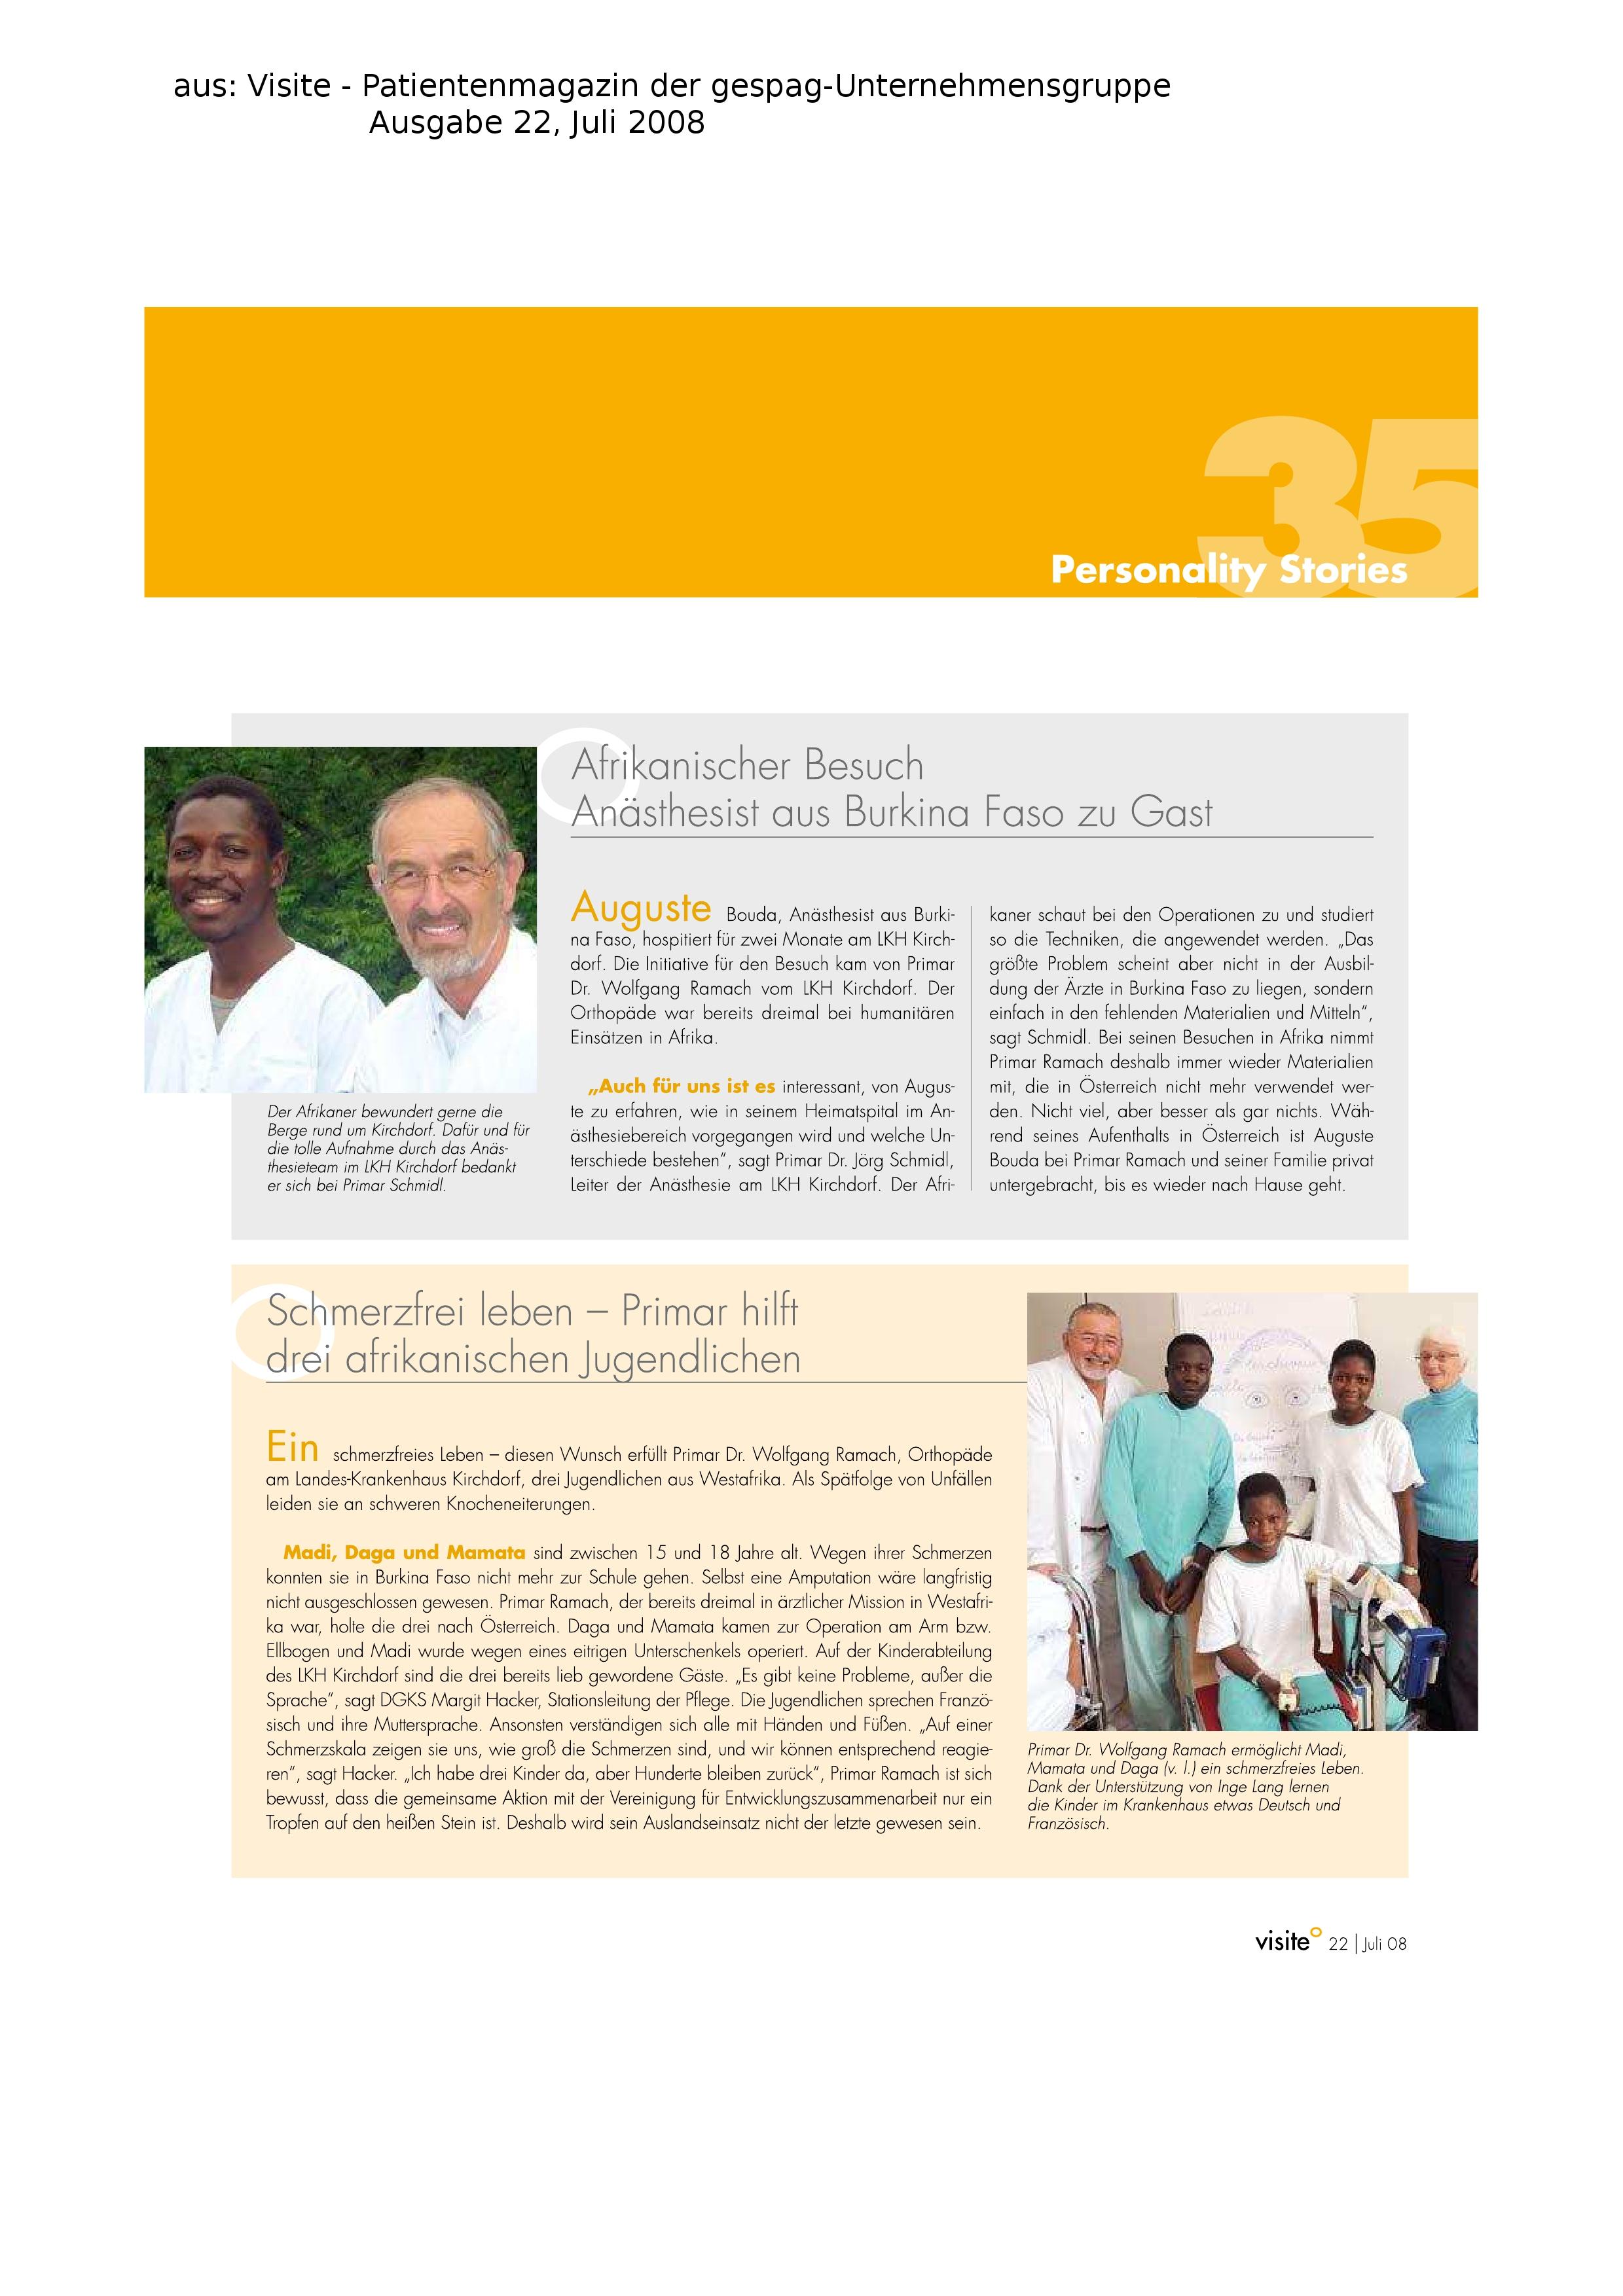 Artikel in der gespag-Zeitschrift Visite